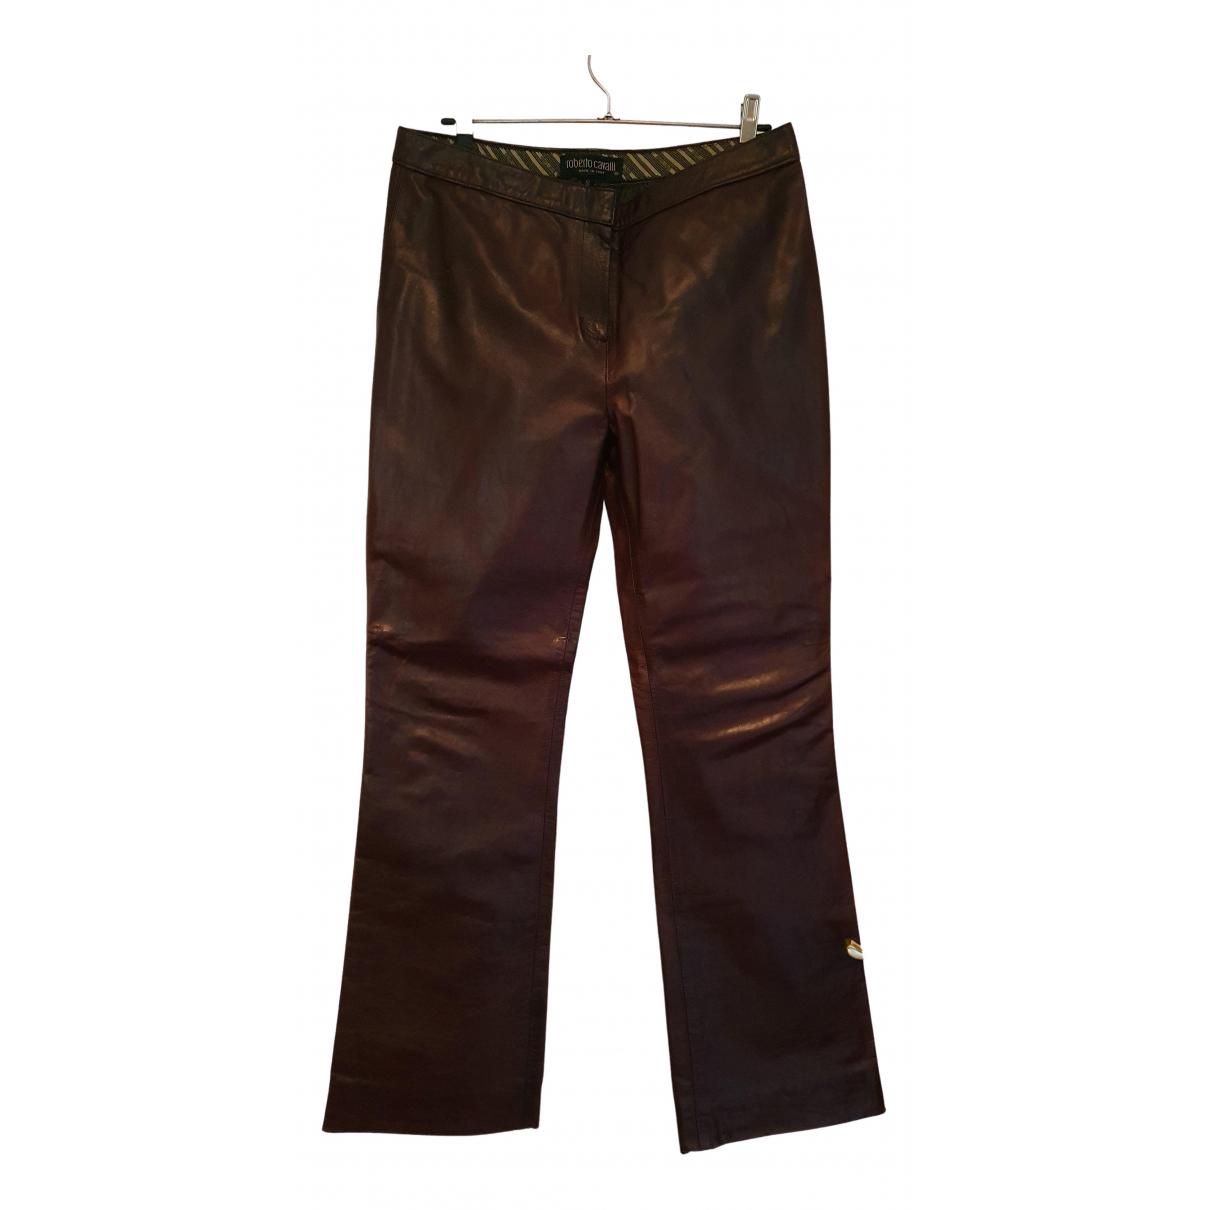 Pantalon de Cuero Roberto Cavalli